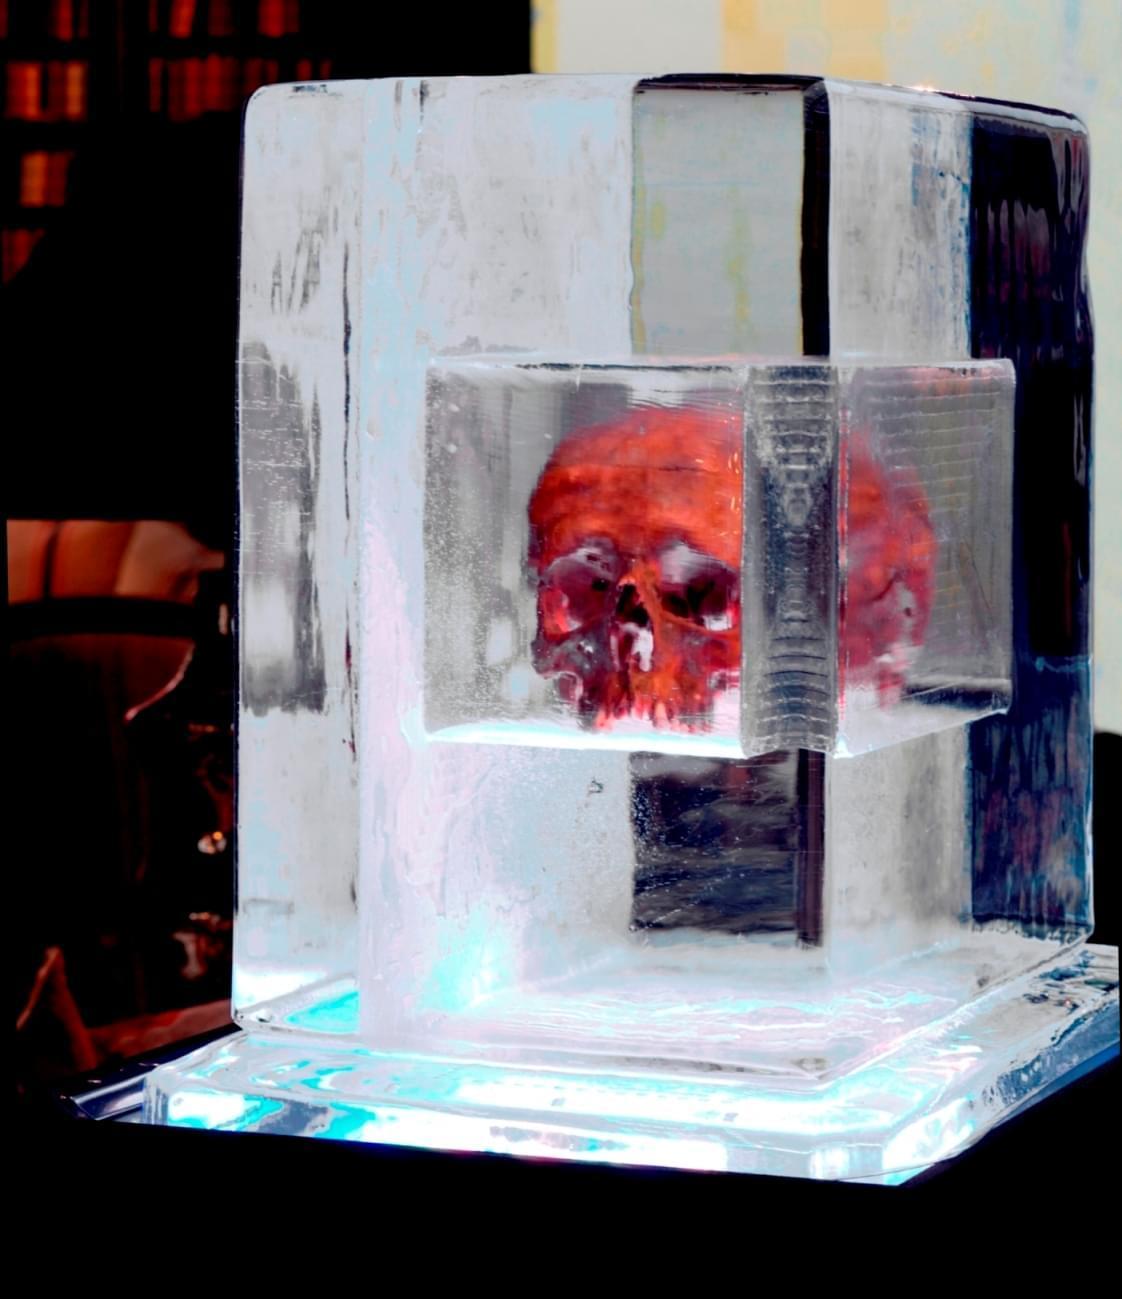 Skull in ice